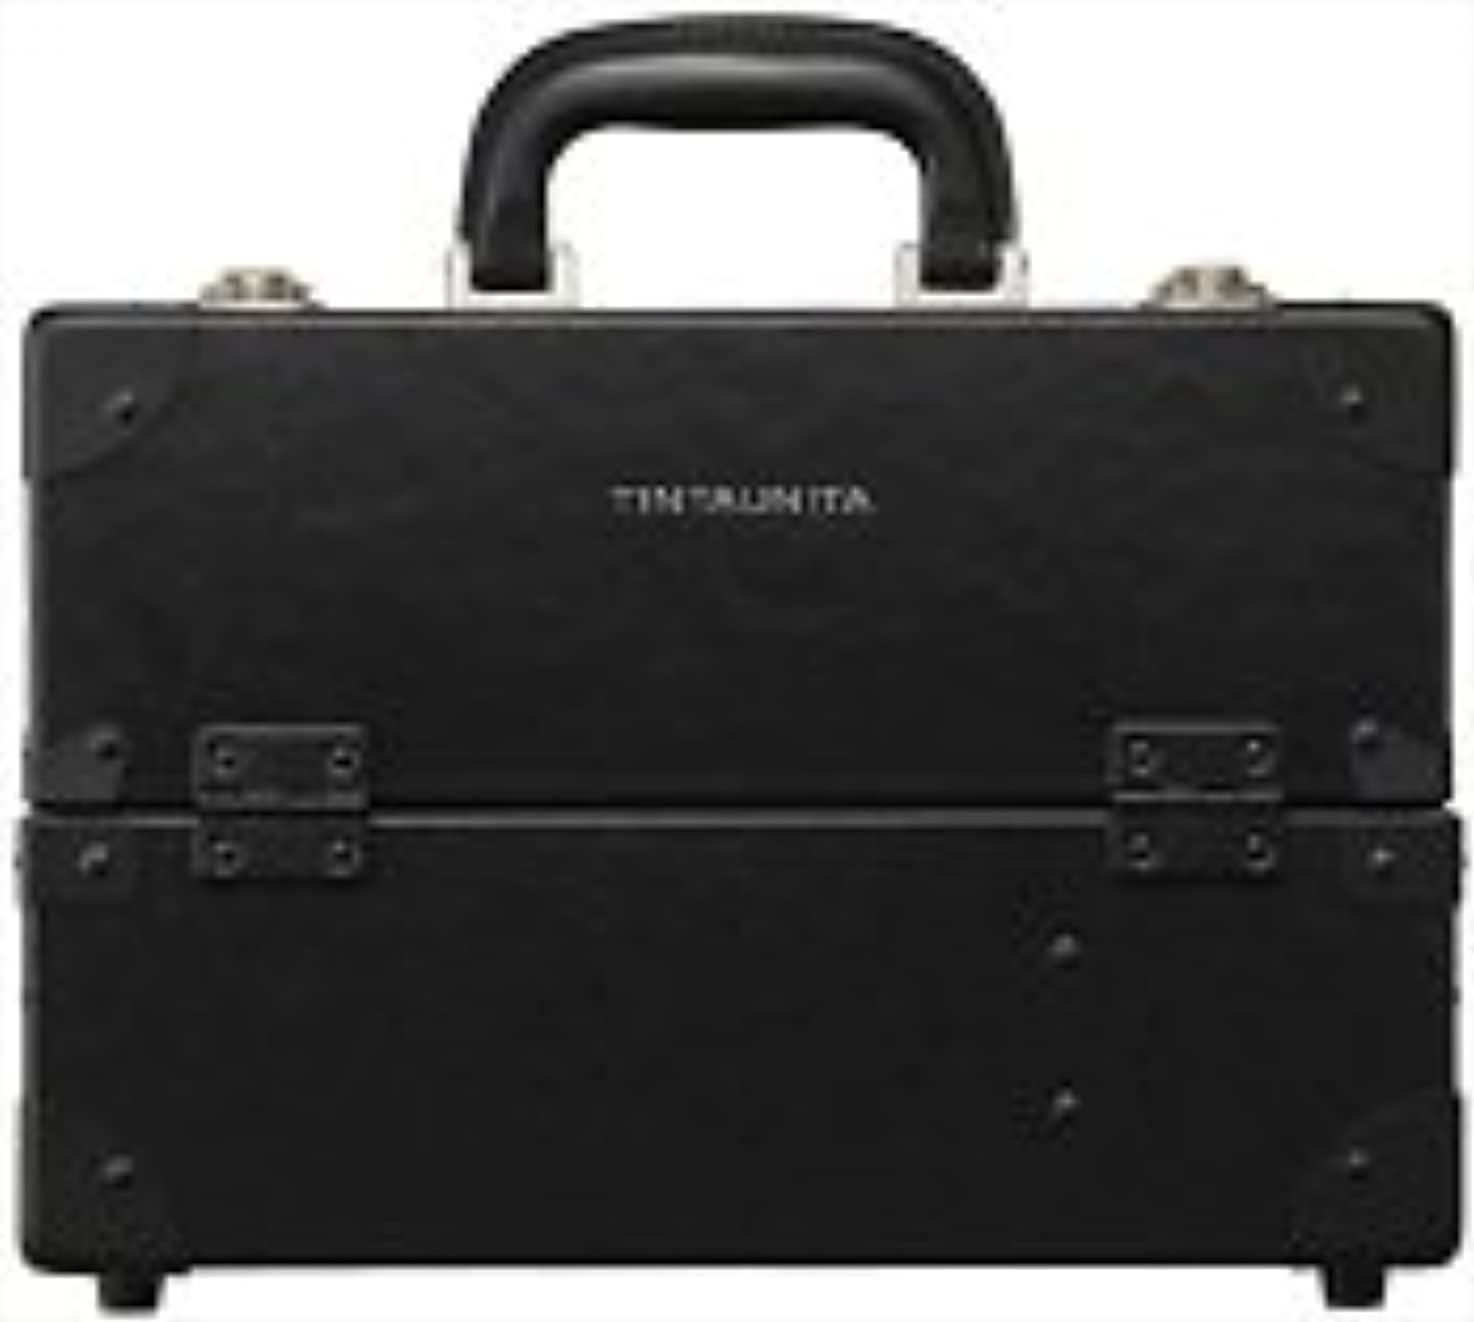 困惑必須極貧TINTAUNITA ファイバー素材メイクボックス(日本製)